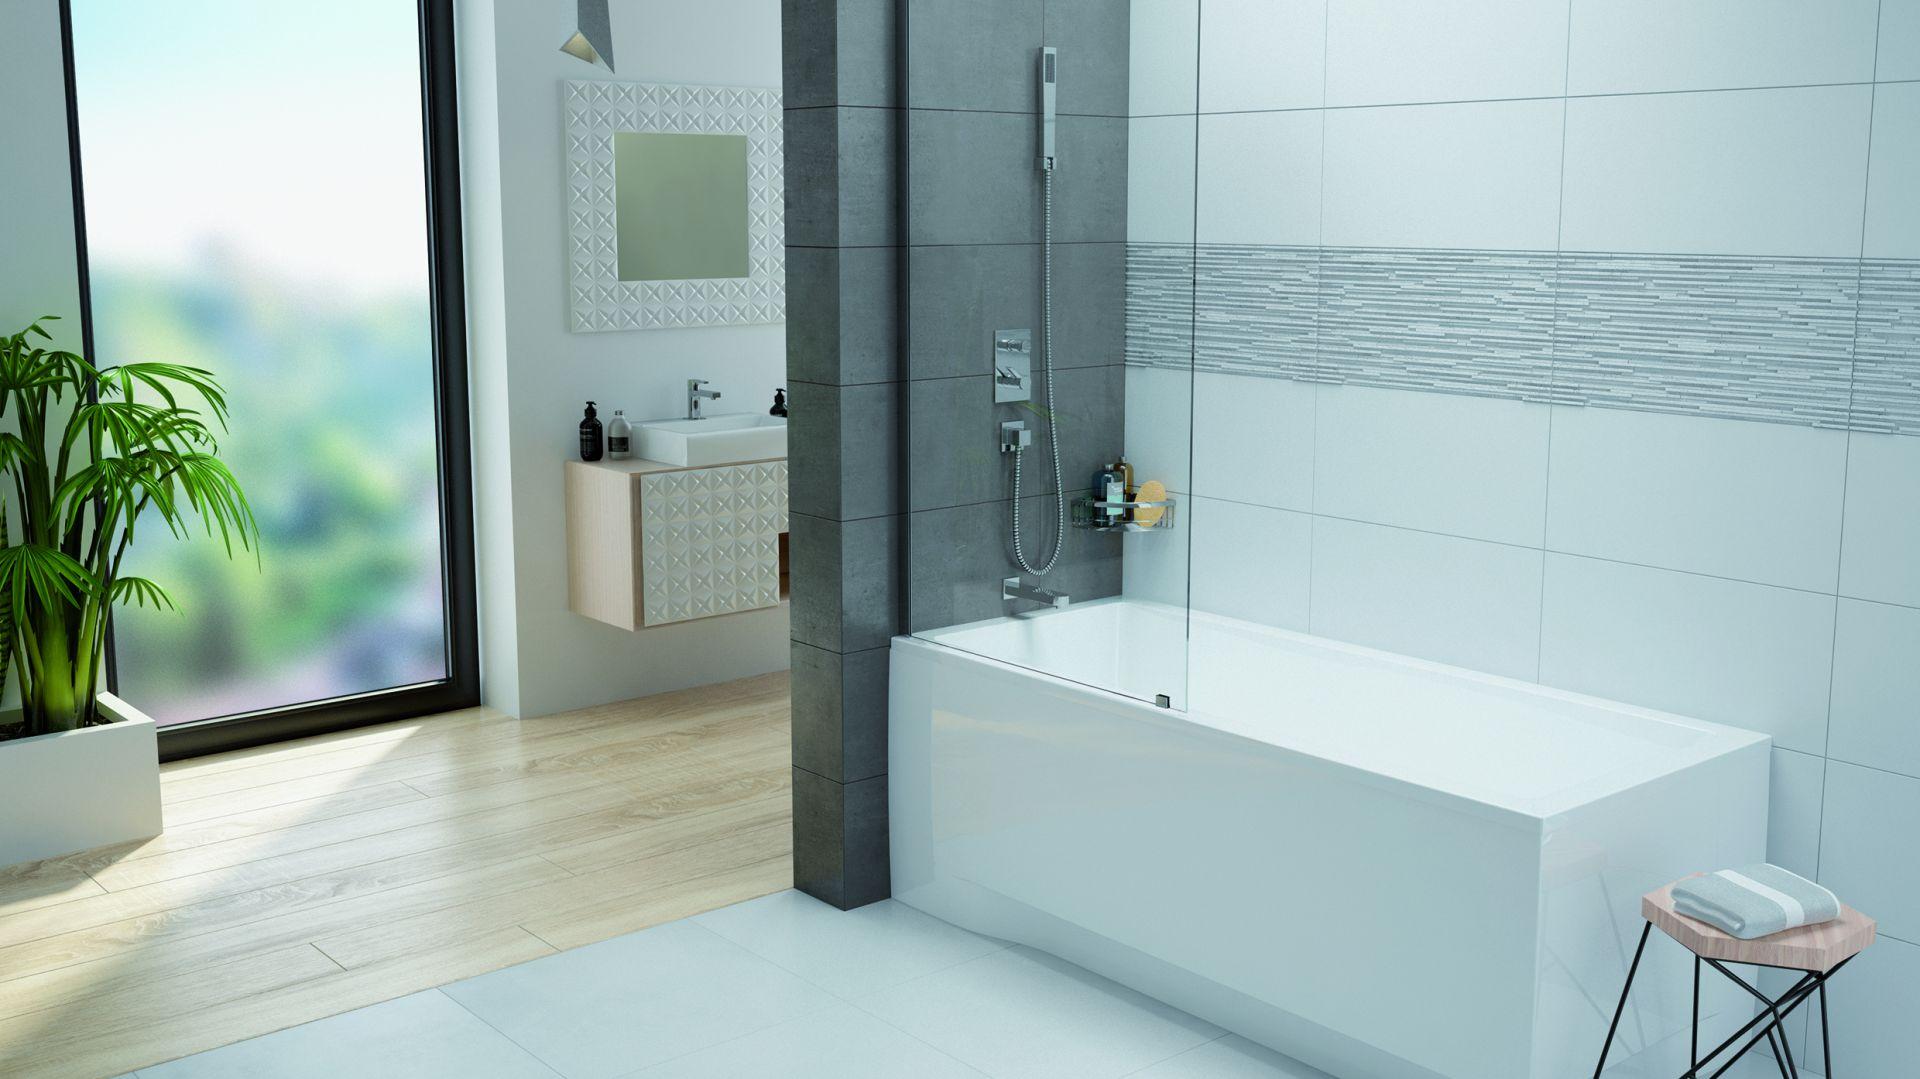 Parawan nawannowy to idealny kompromis wszędzie tam, gdzie trzeba wybrać pomiędzy wanną, a prysznicem. Na zdjęciu parawan nawannowy PW1/Free firmy Sanplast. Fot. Sanplast